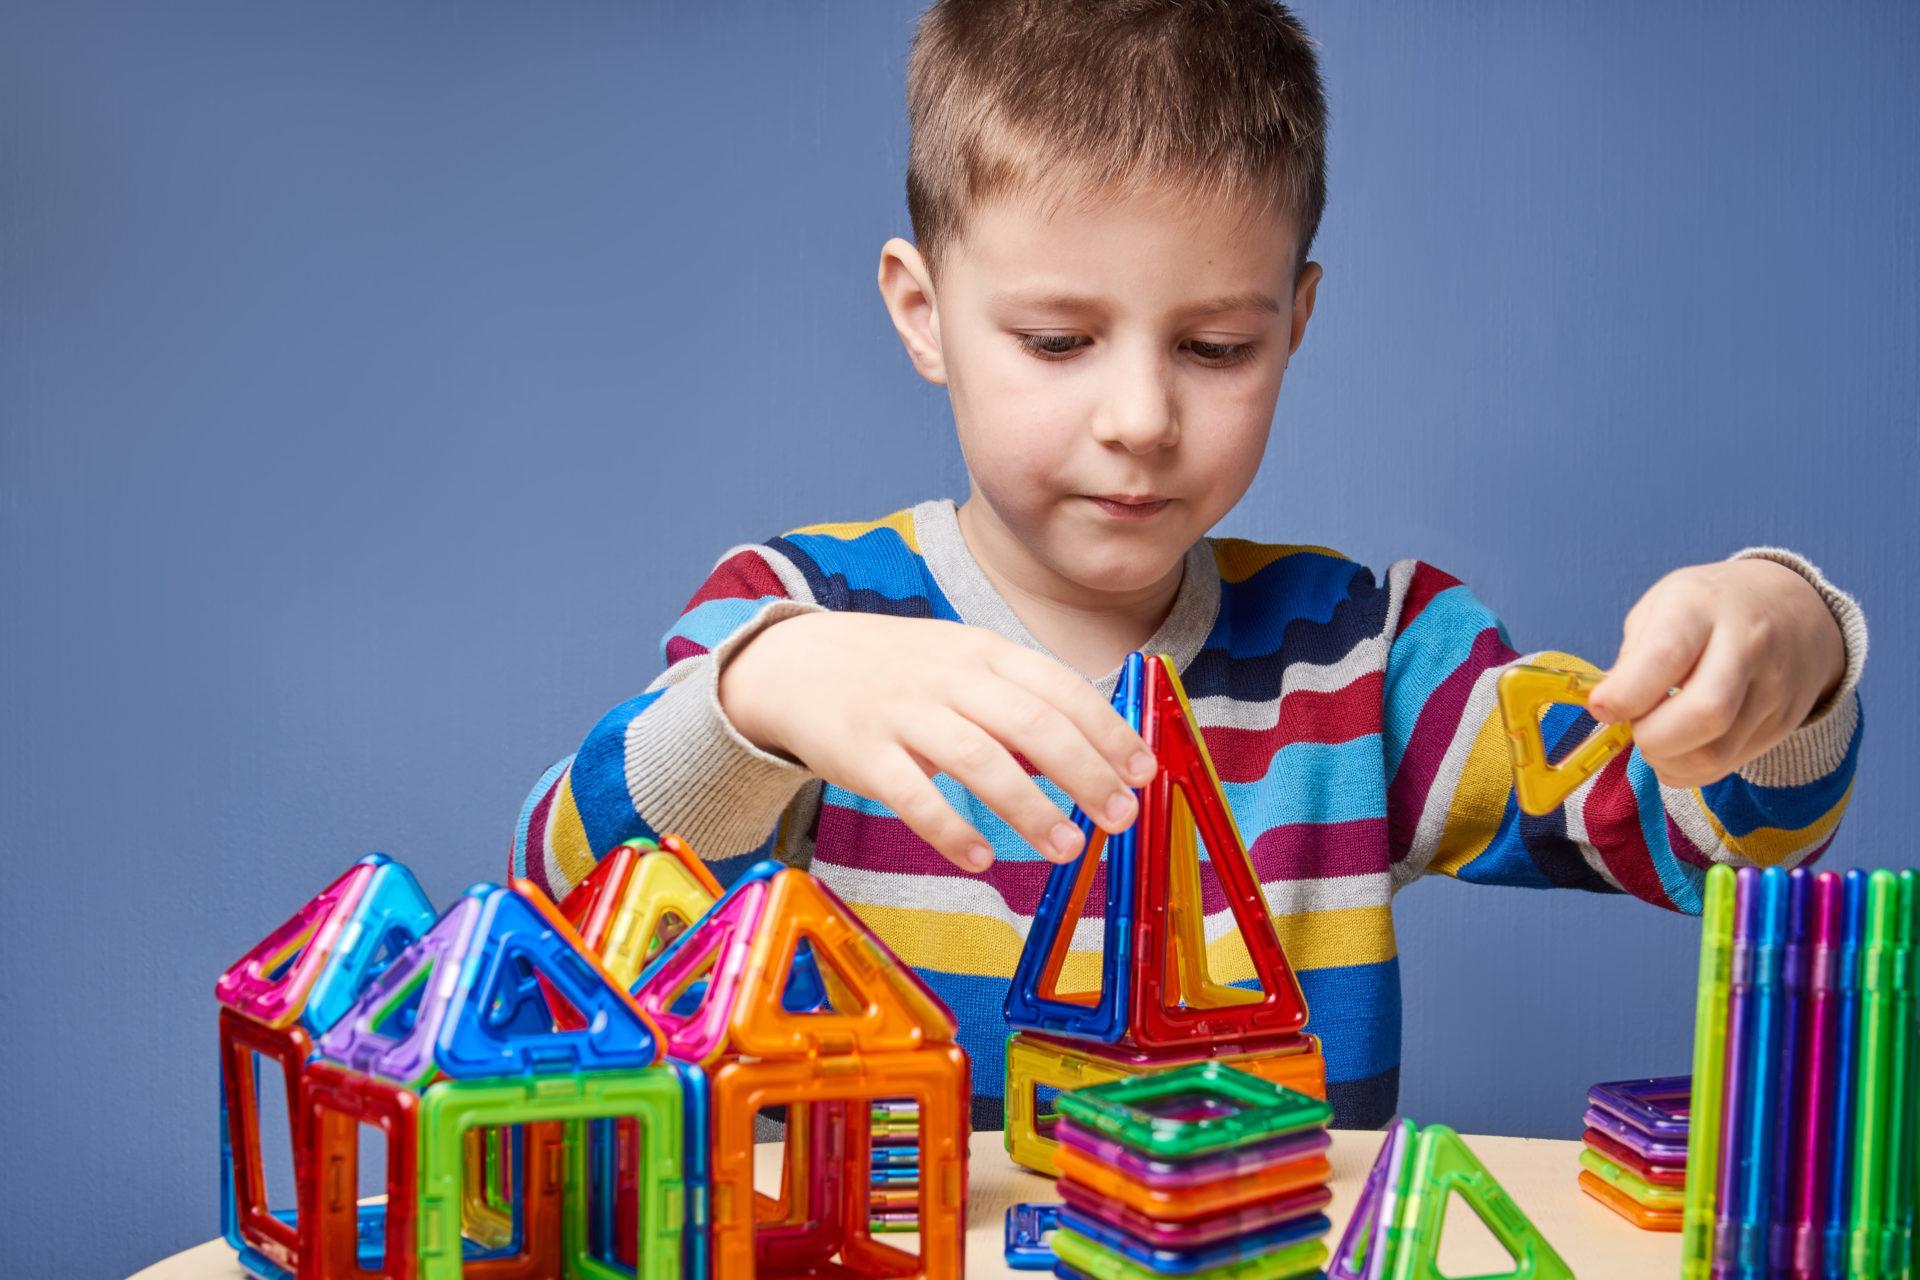 Idées Cadeau Anniversaire Garçon De 6 Ans, 7 Ans, 8 Ans, 9 dedans Jeux Pour Garçon Et Fille